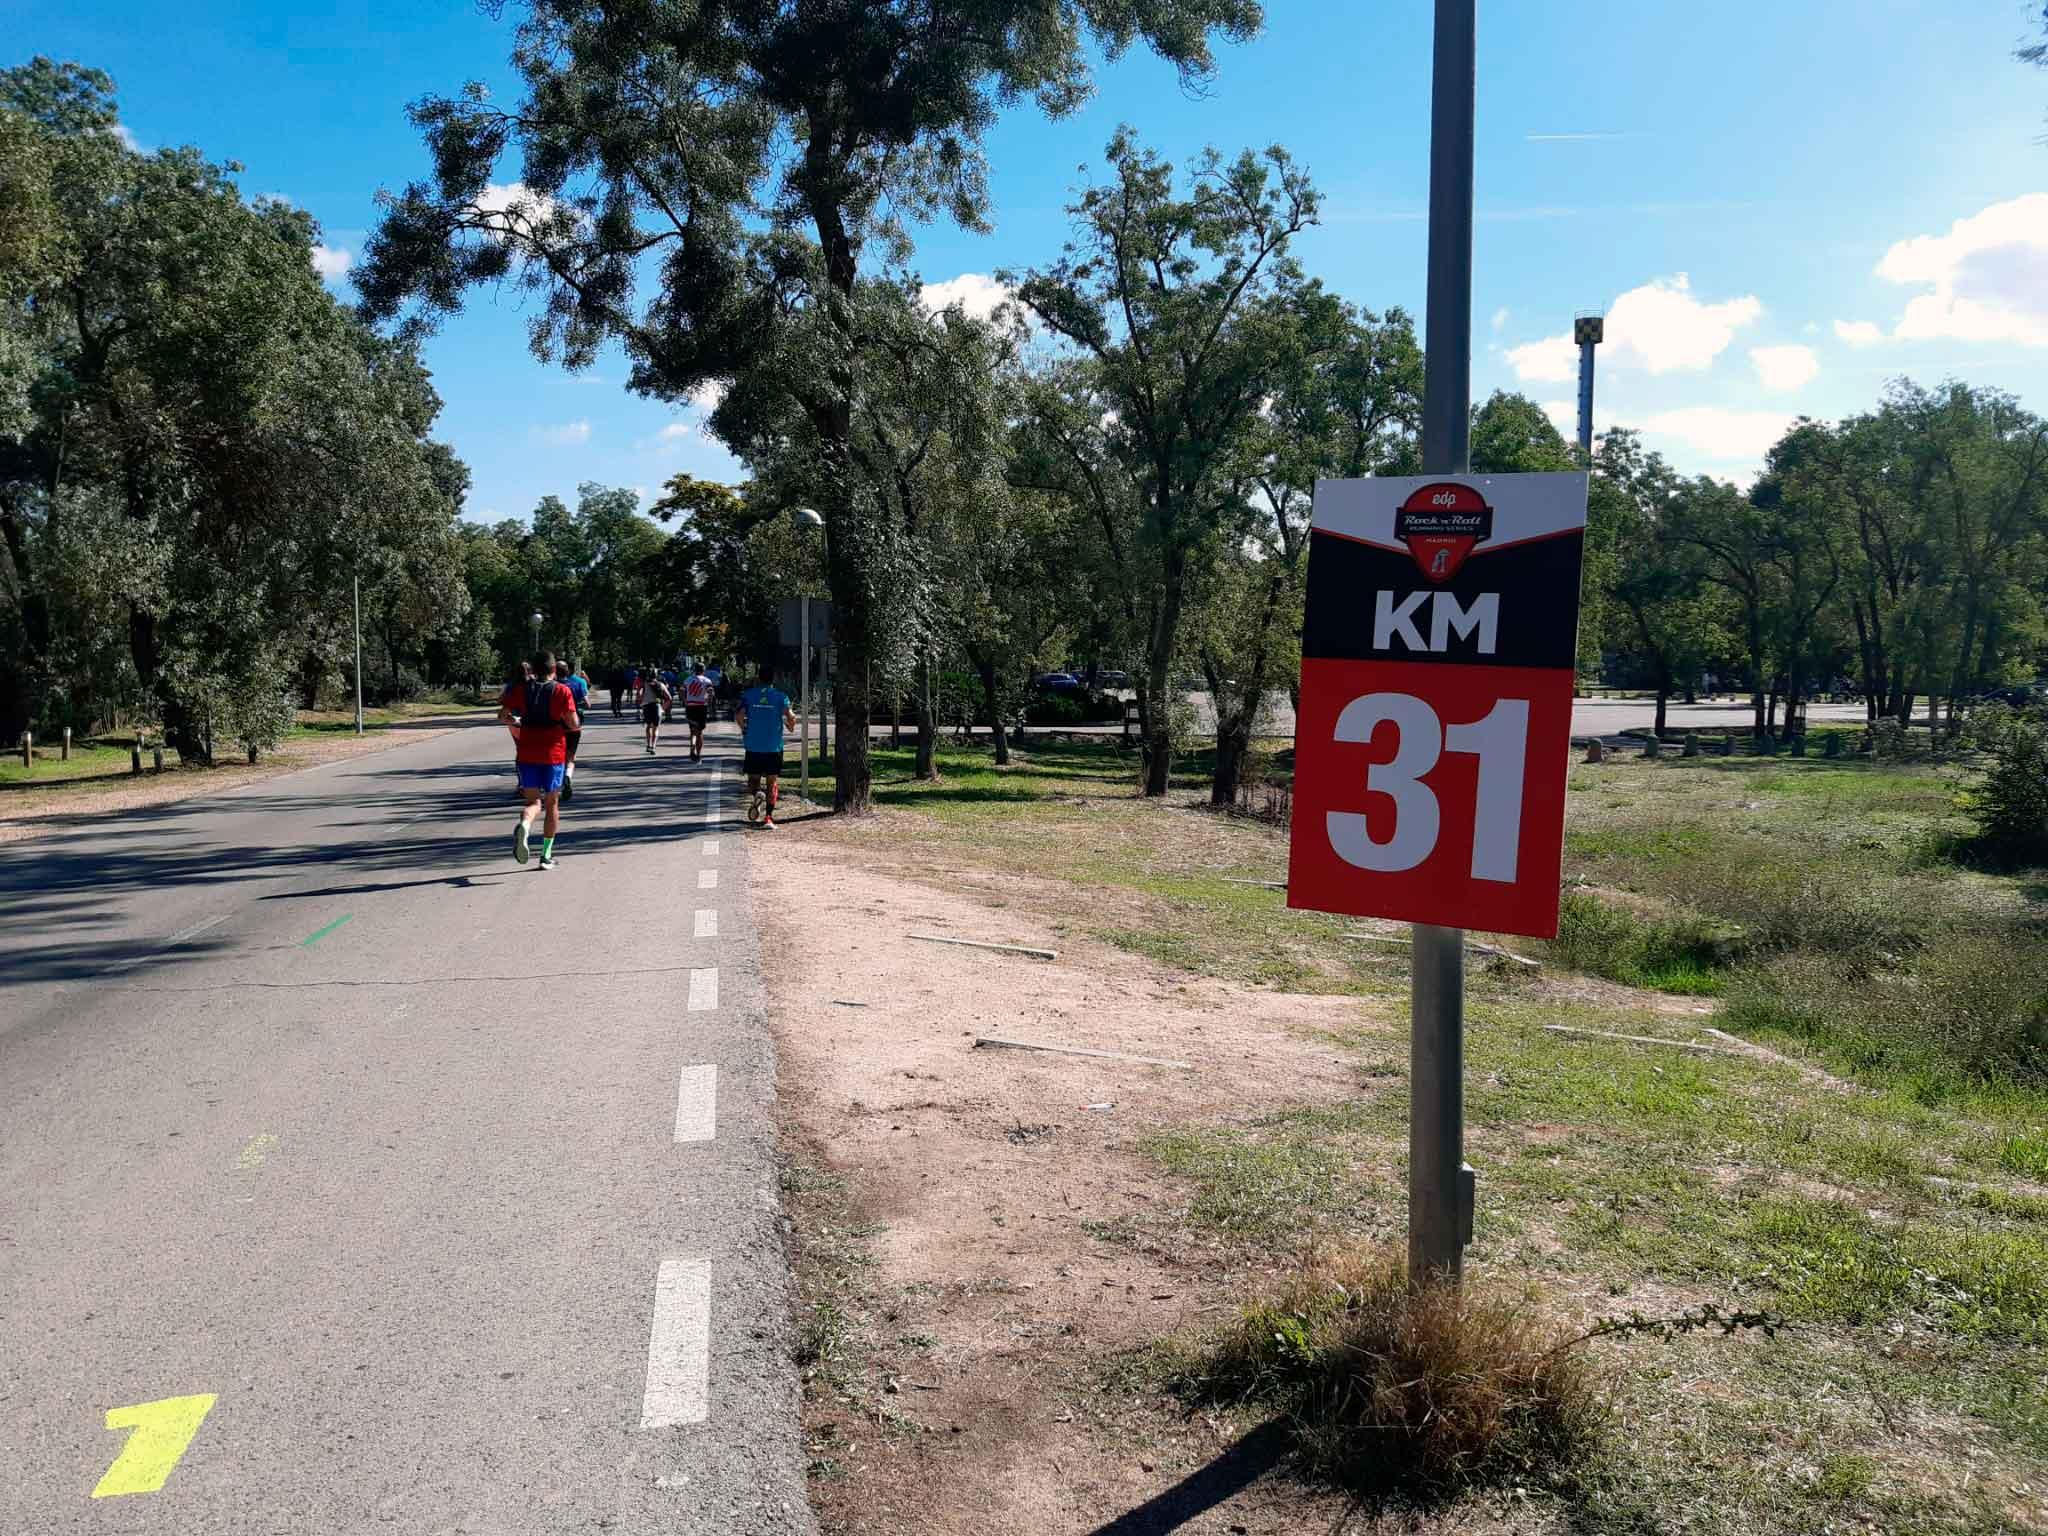 Maratón Madrid Km 31